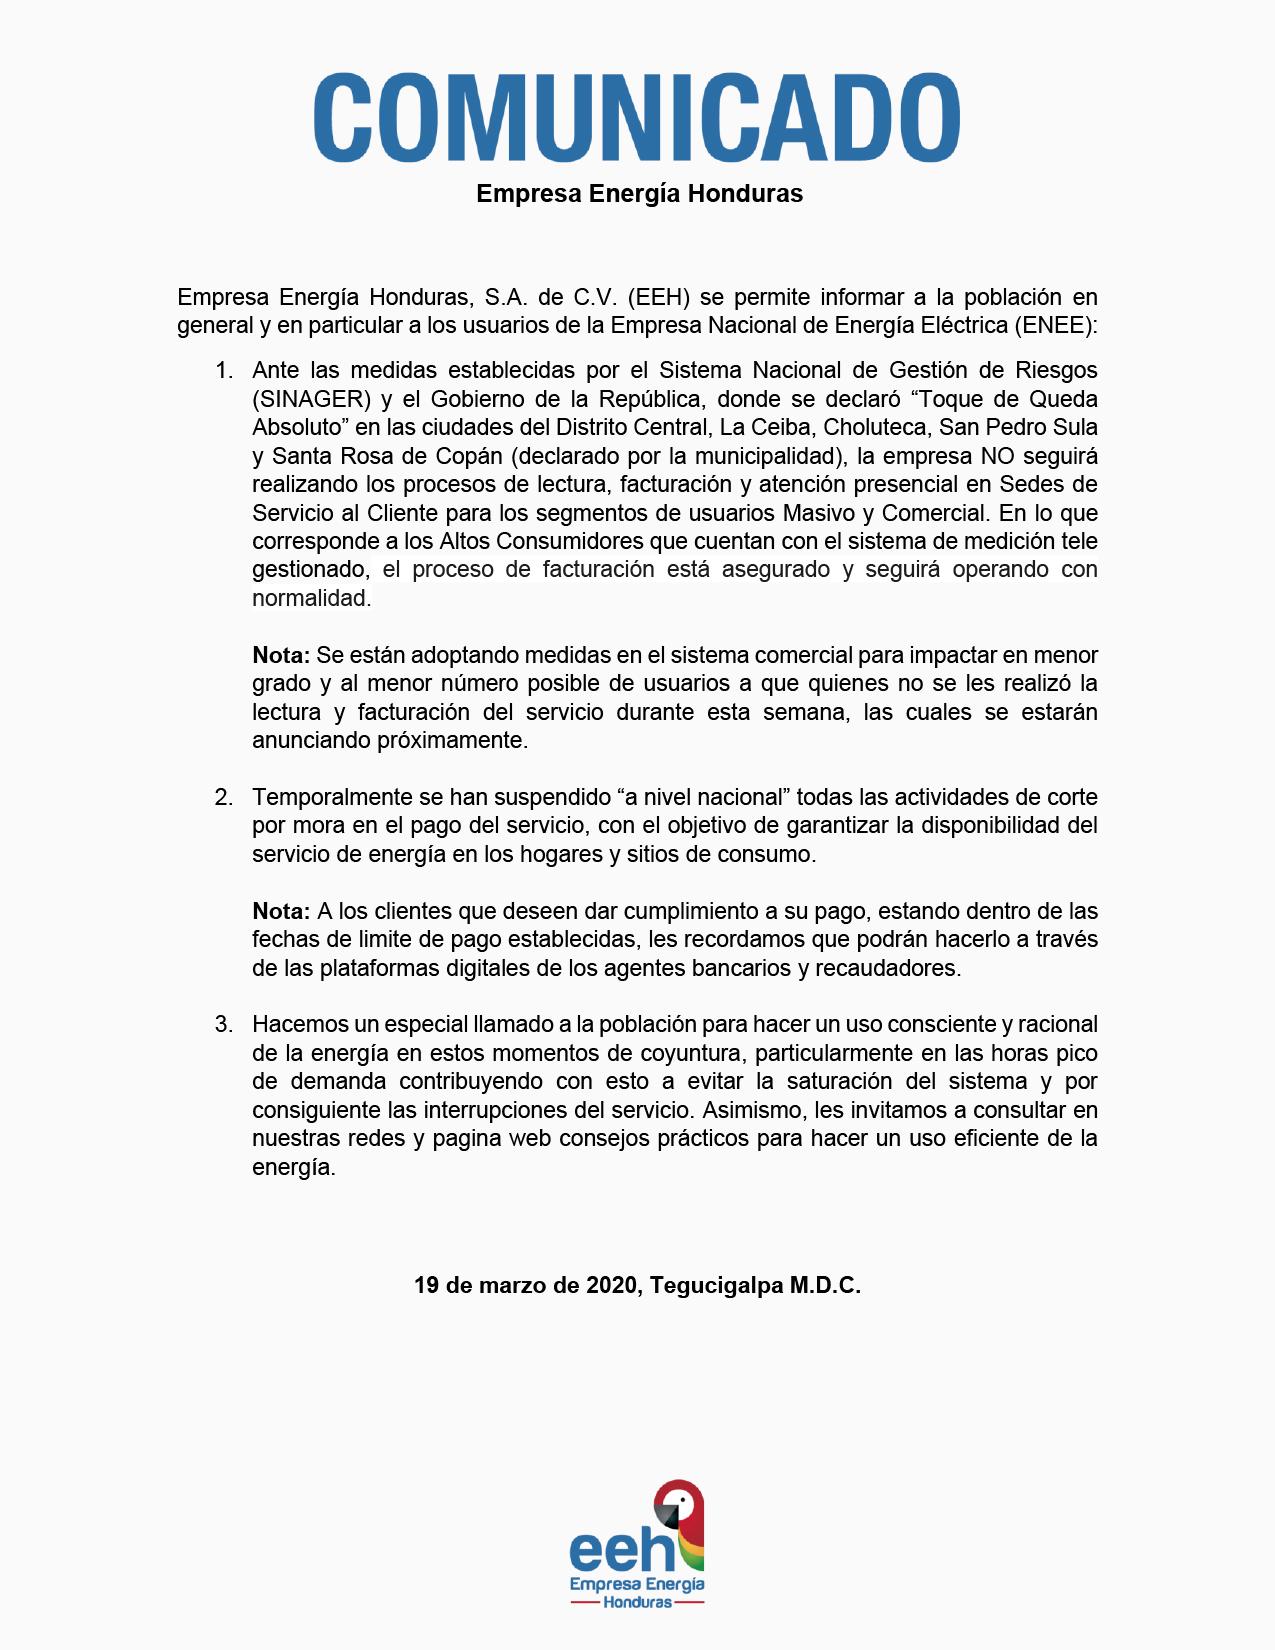 EEH suspende lectura de contadores y facturación por cuarentena